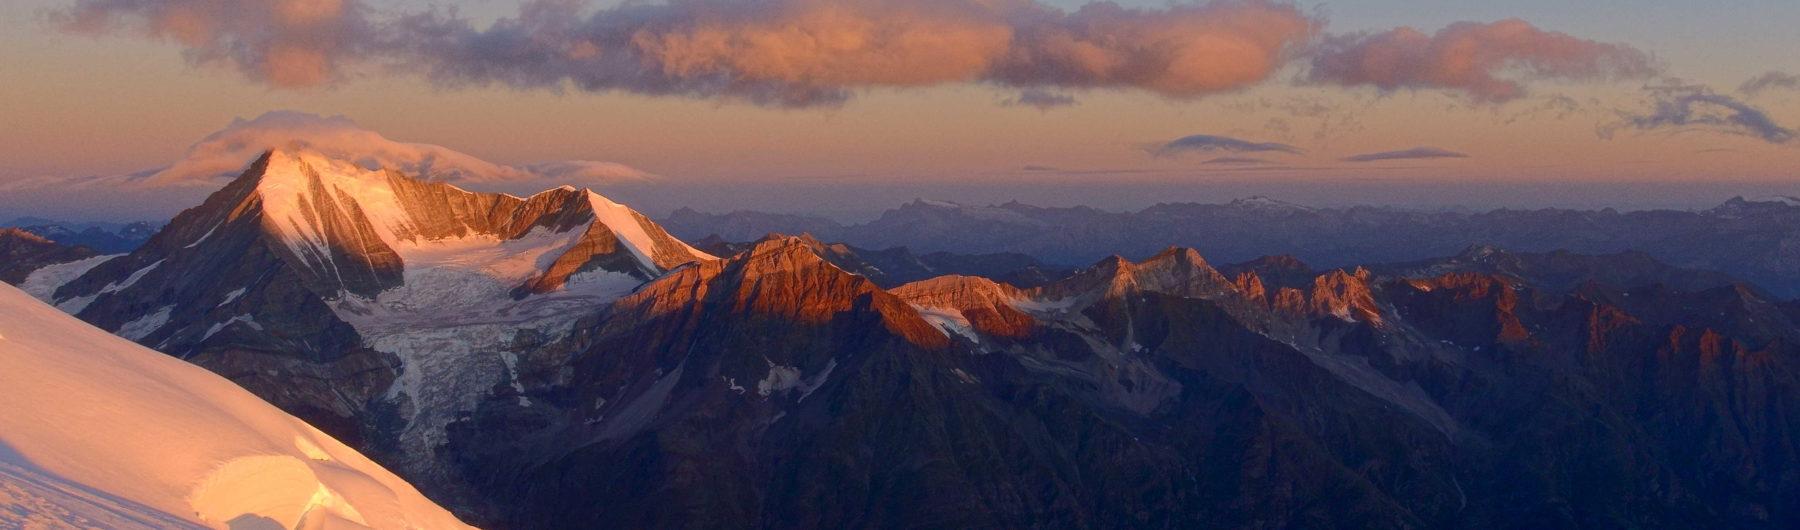 Sonnenaufgang am Dom. Im Hintergrund das imposante Weißhorn